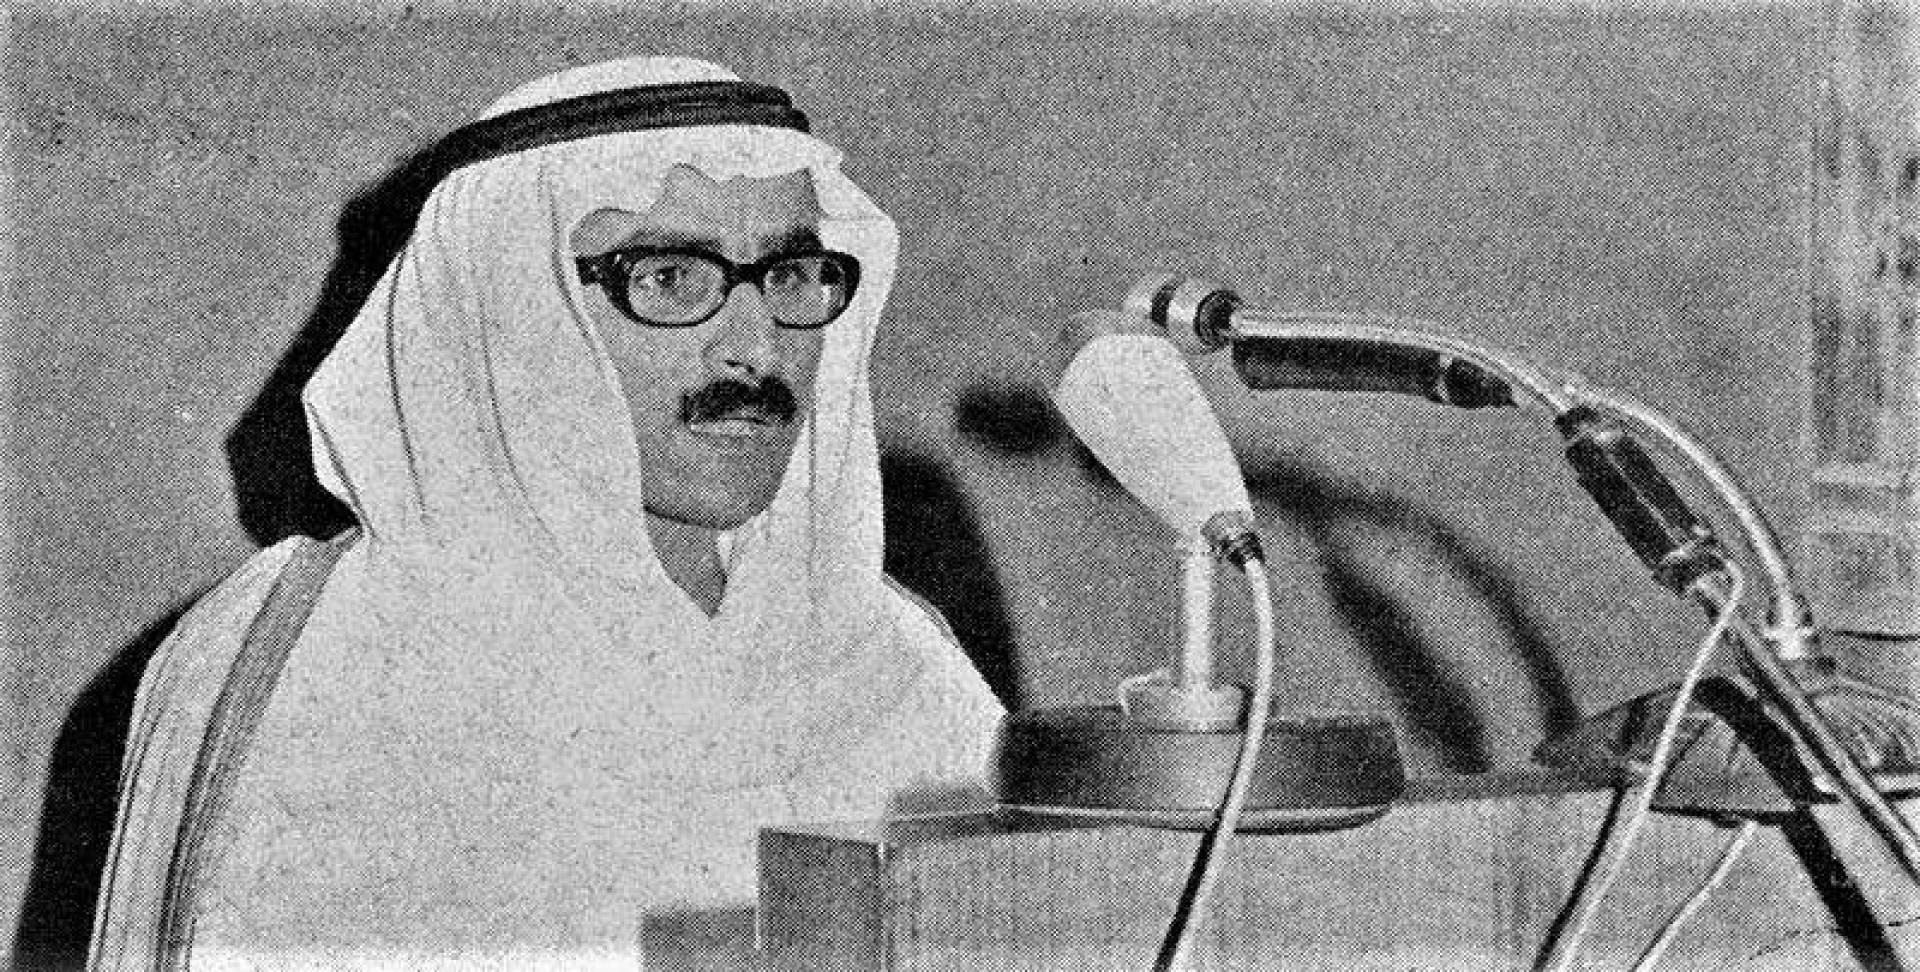 عيسى ياسين وكيل وزارة الشؤون الاجتماعية والعمل المساعد يلقي كلمته.. أرشيفية